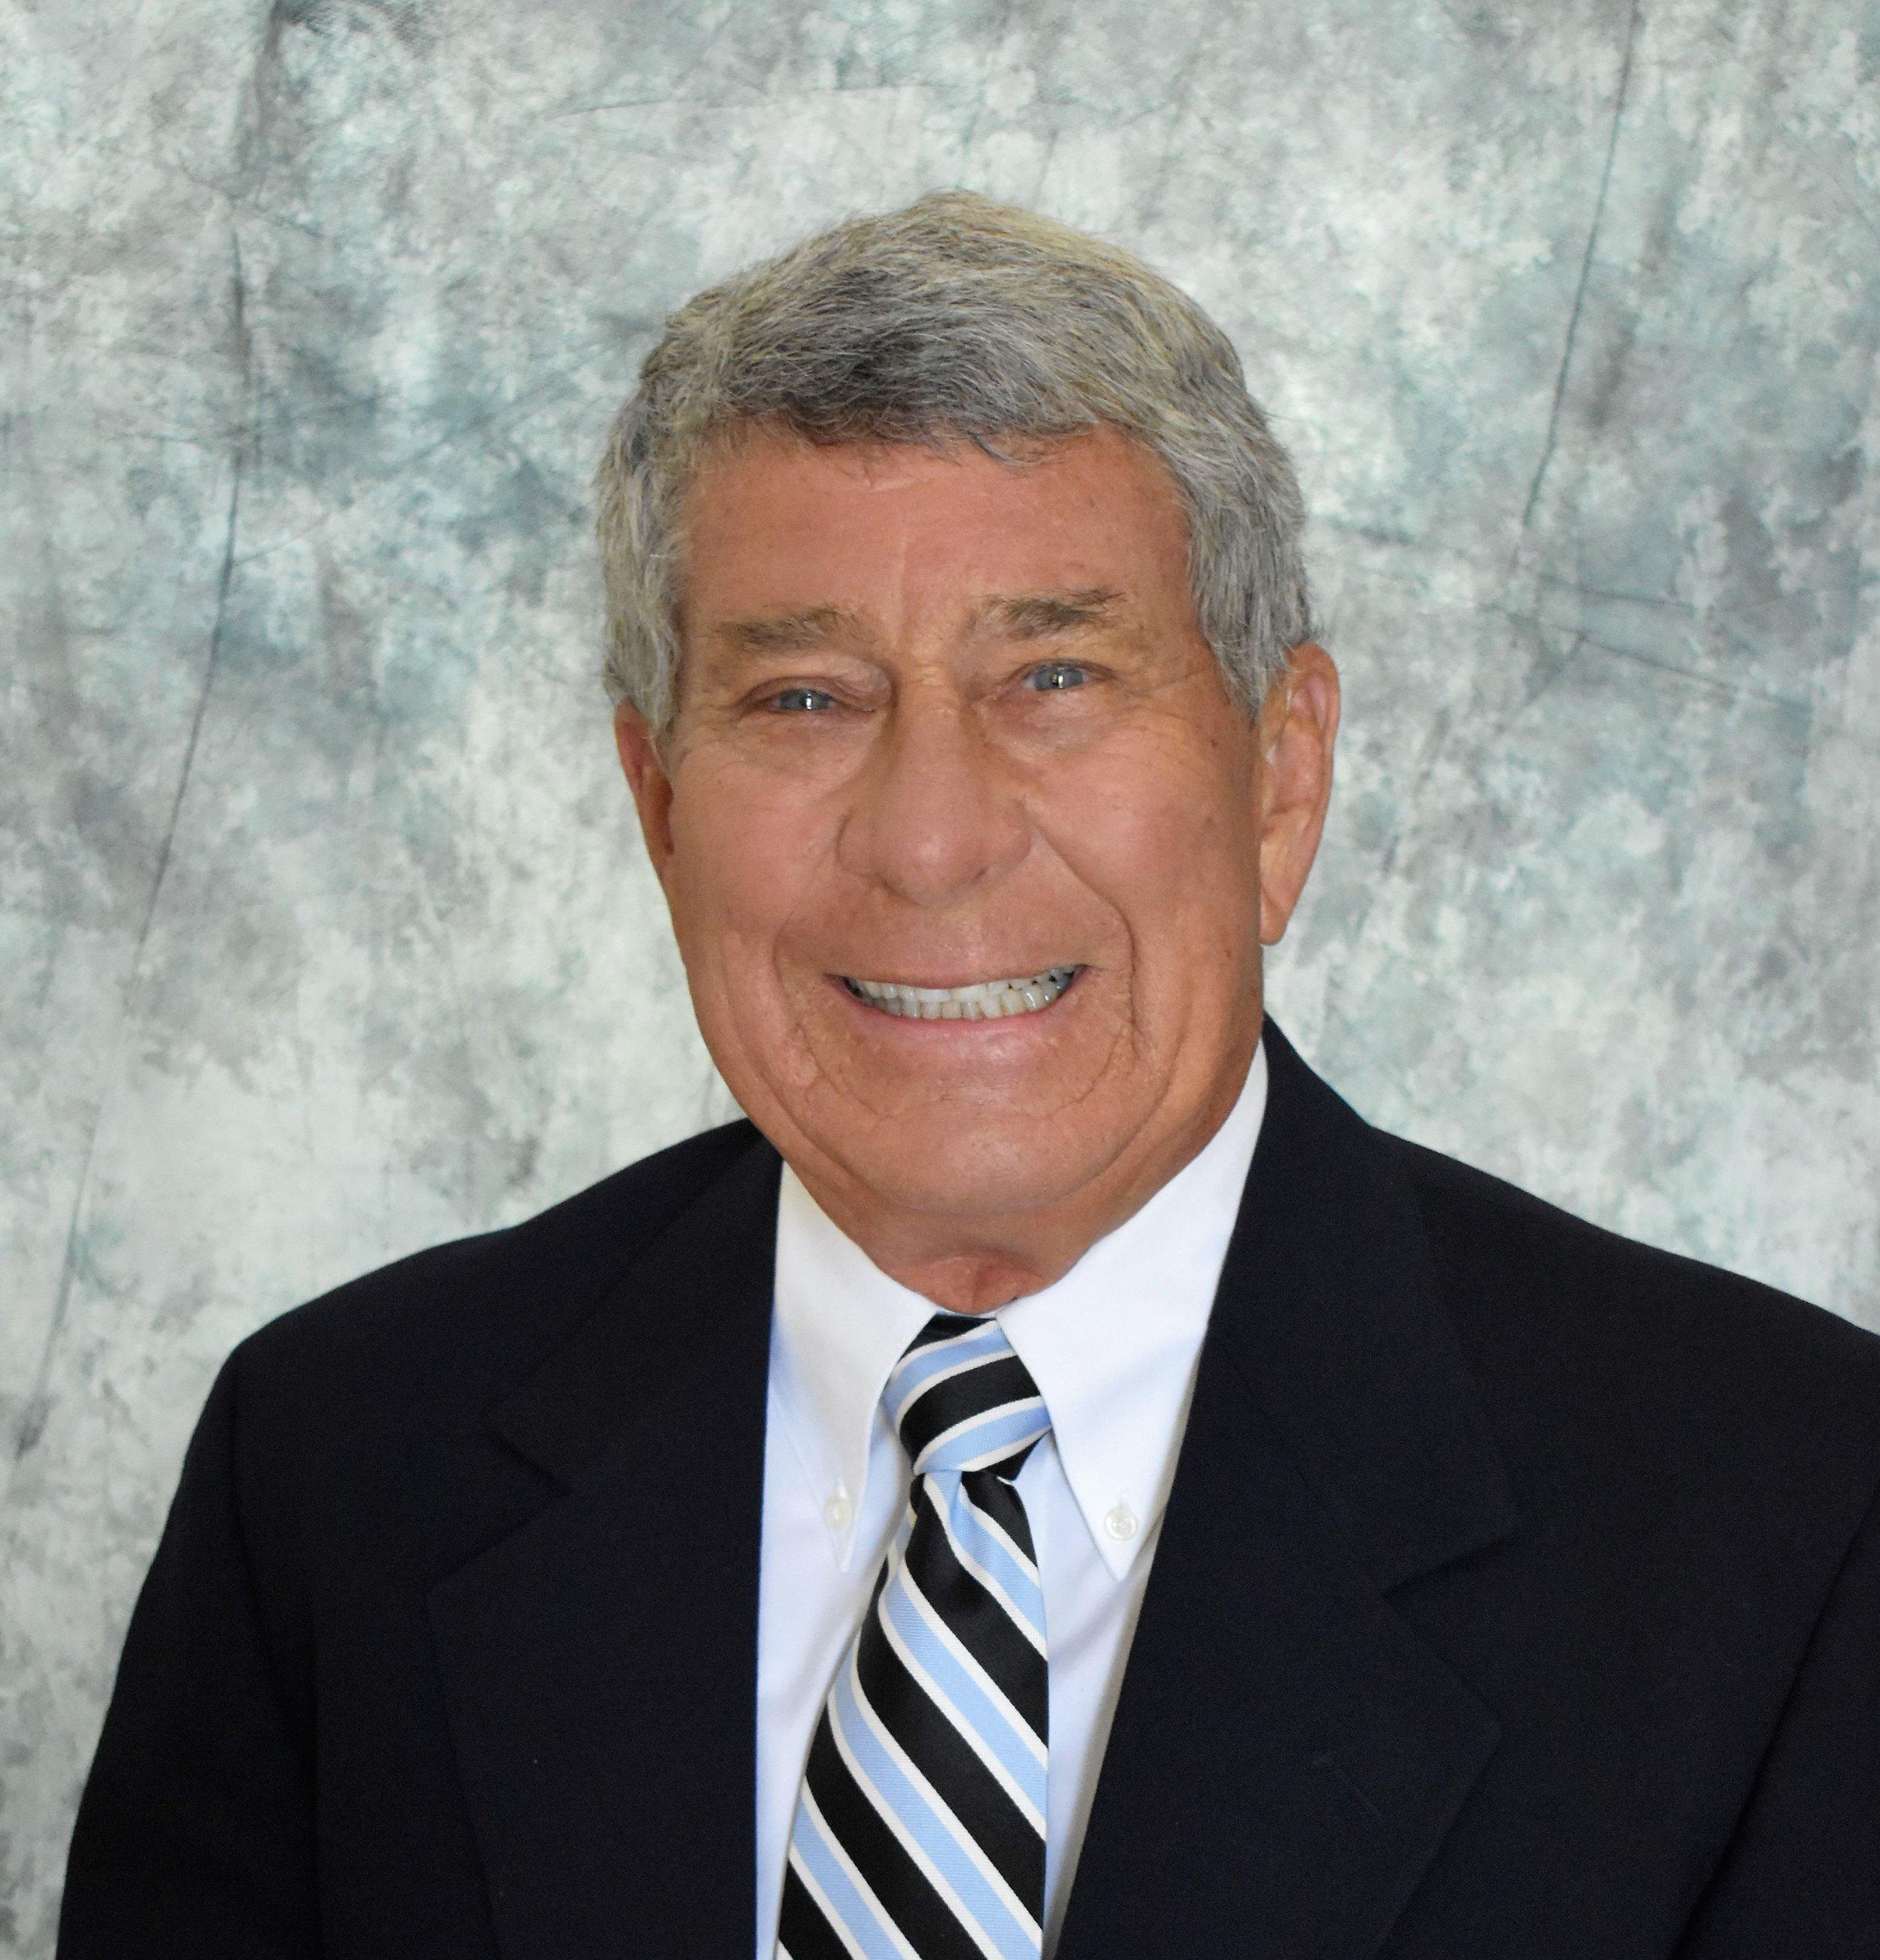 Lloyd Vaughn